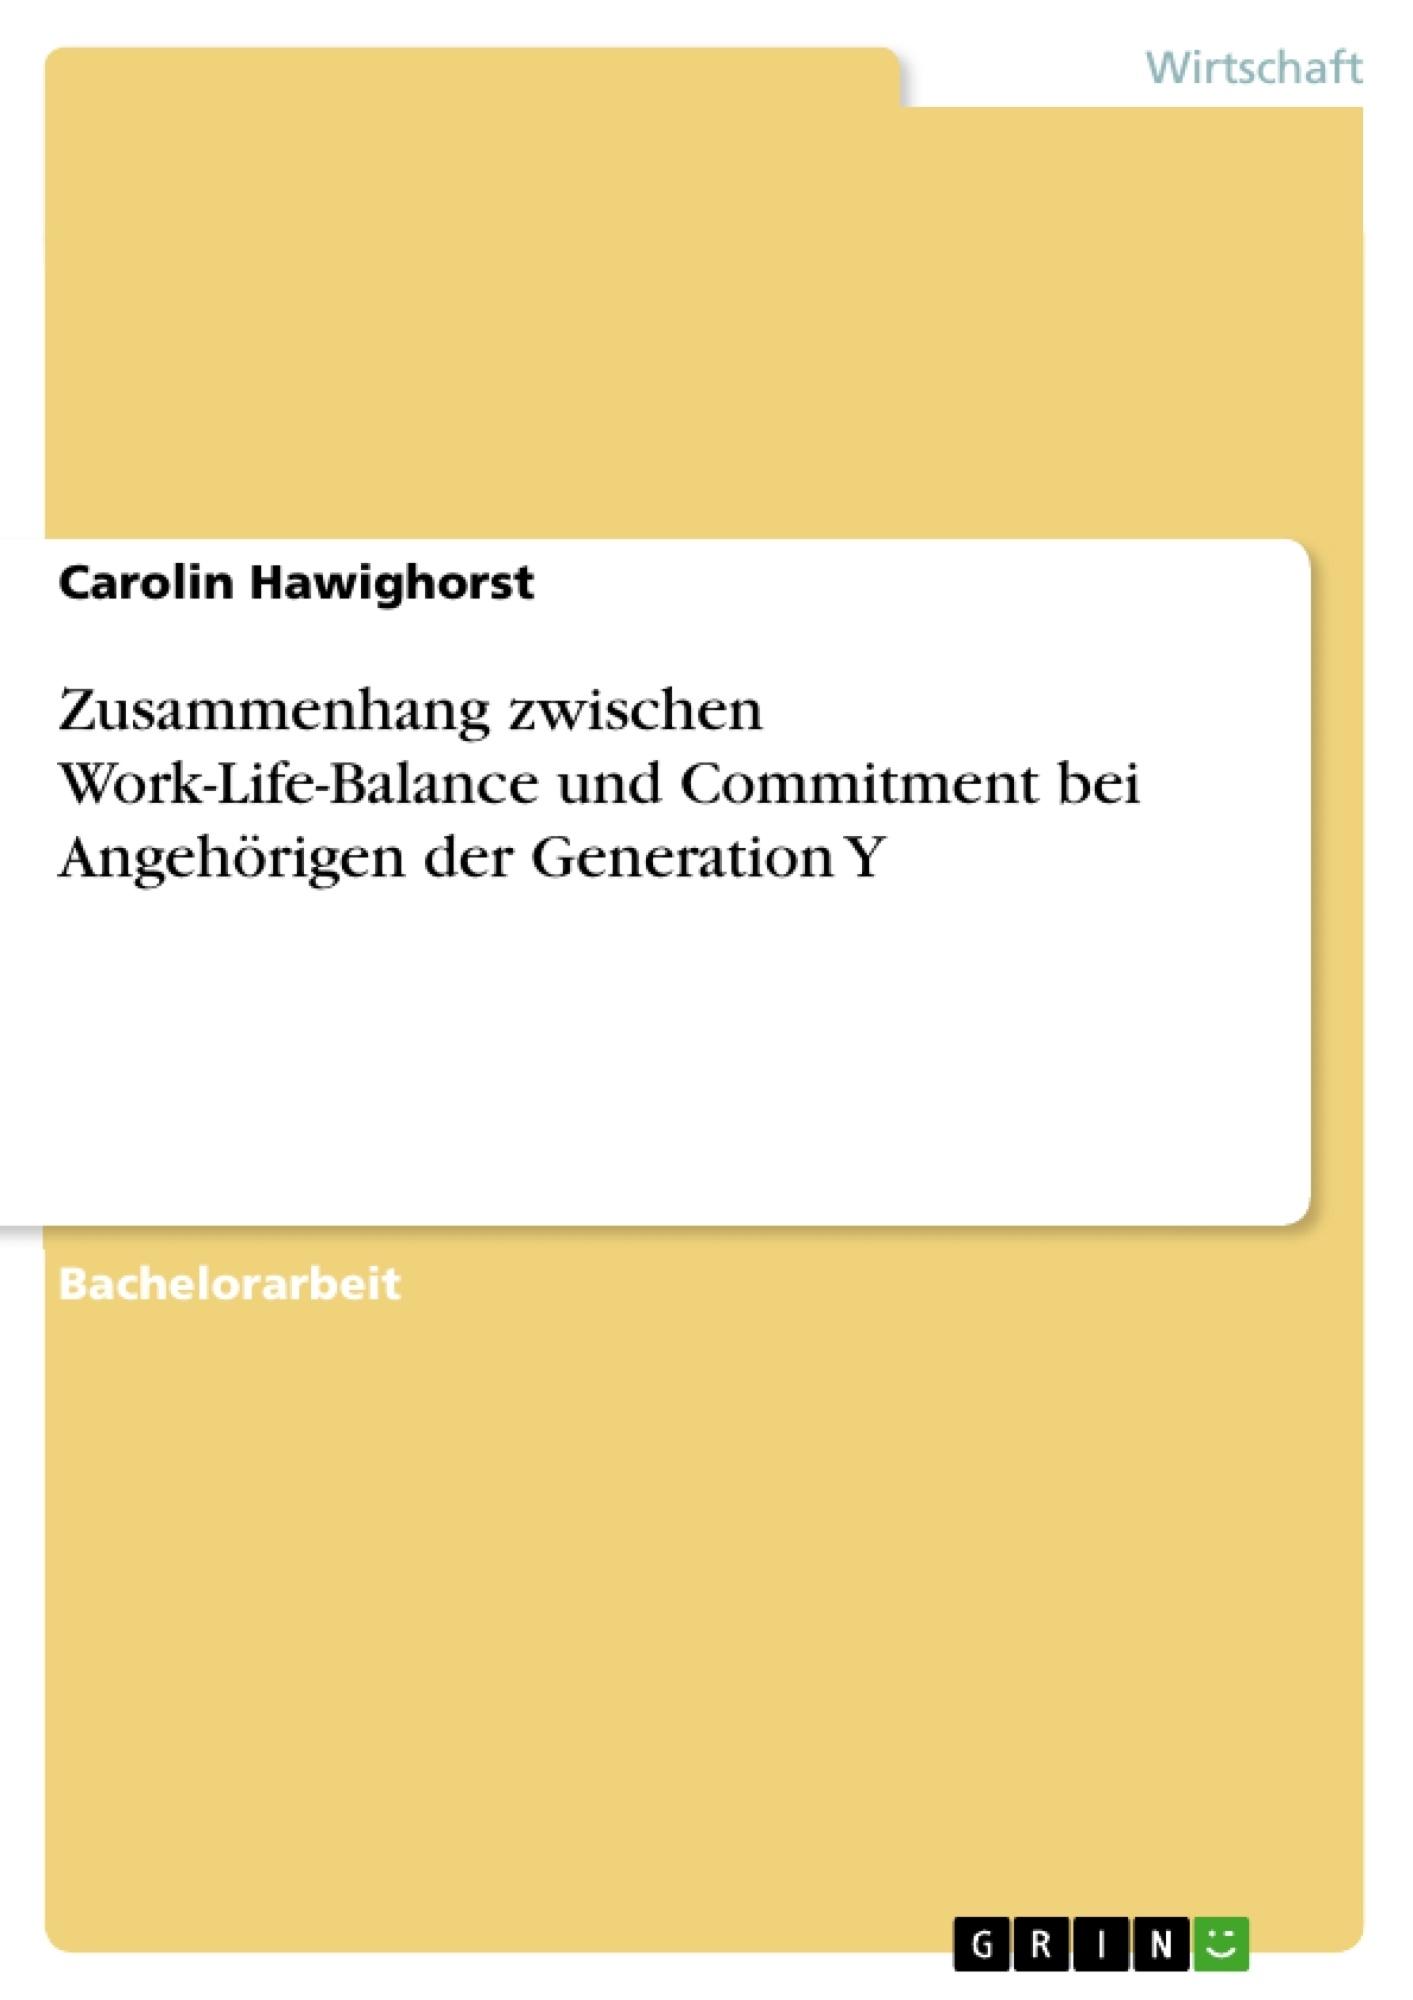 Titel: Zusammenhang zwischen Work-Life-Balance und Commitment bei Angehörigen der Generation Y